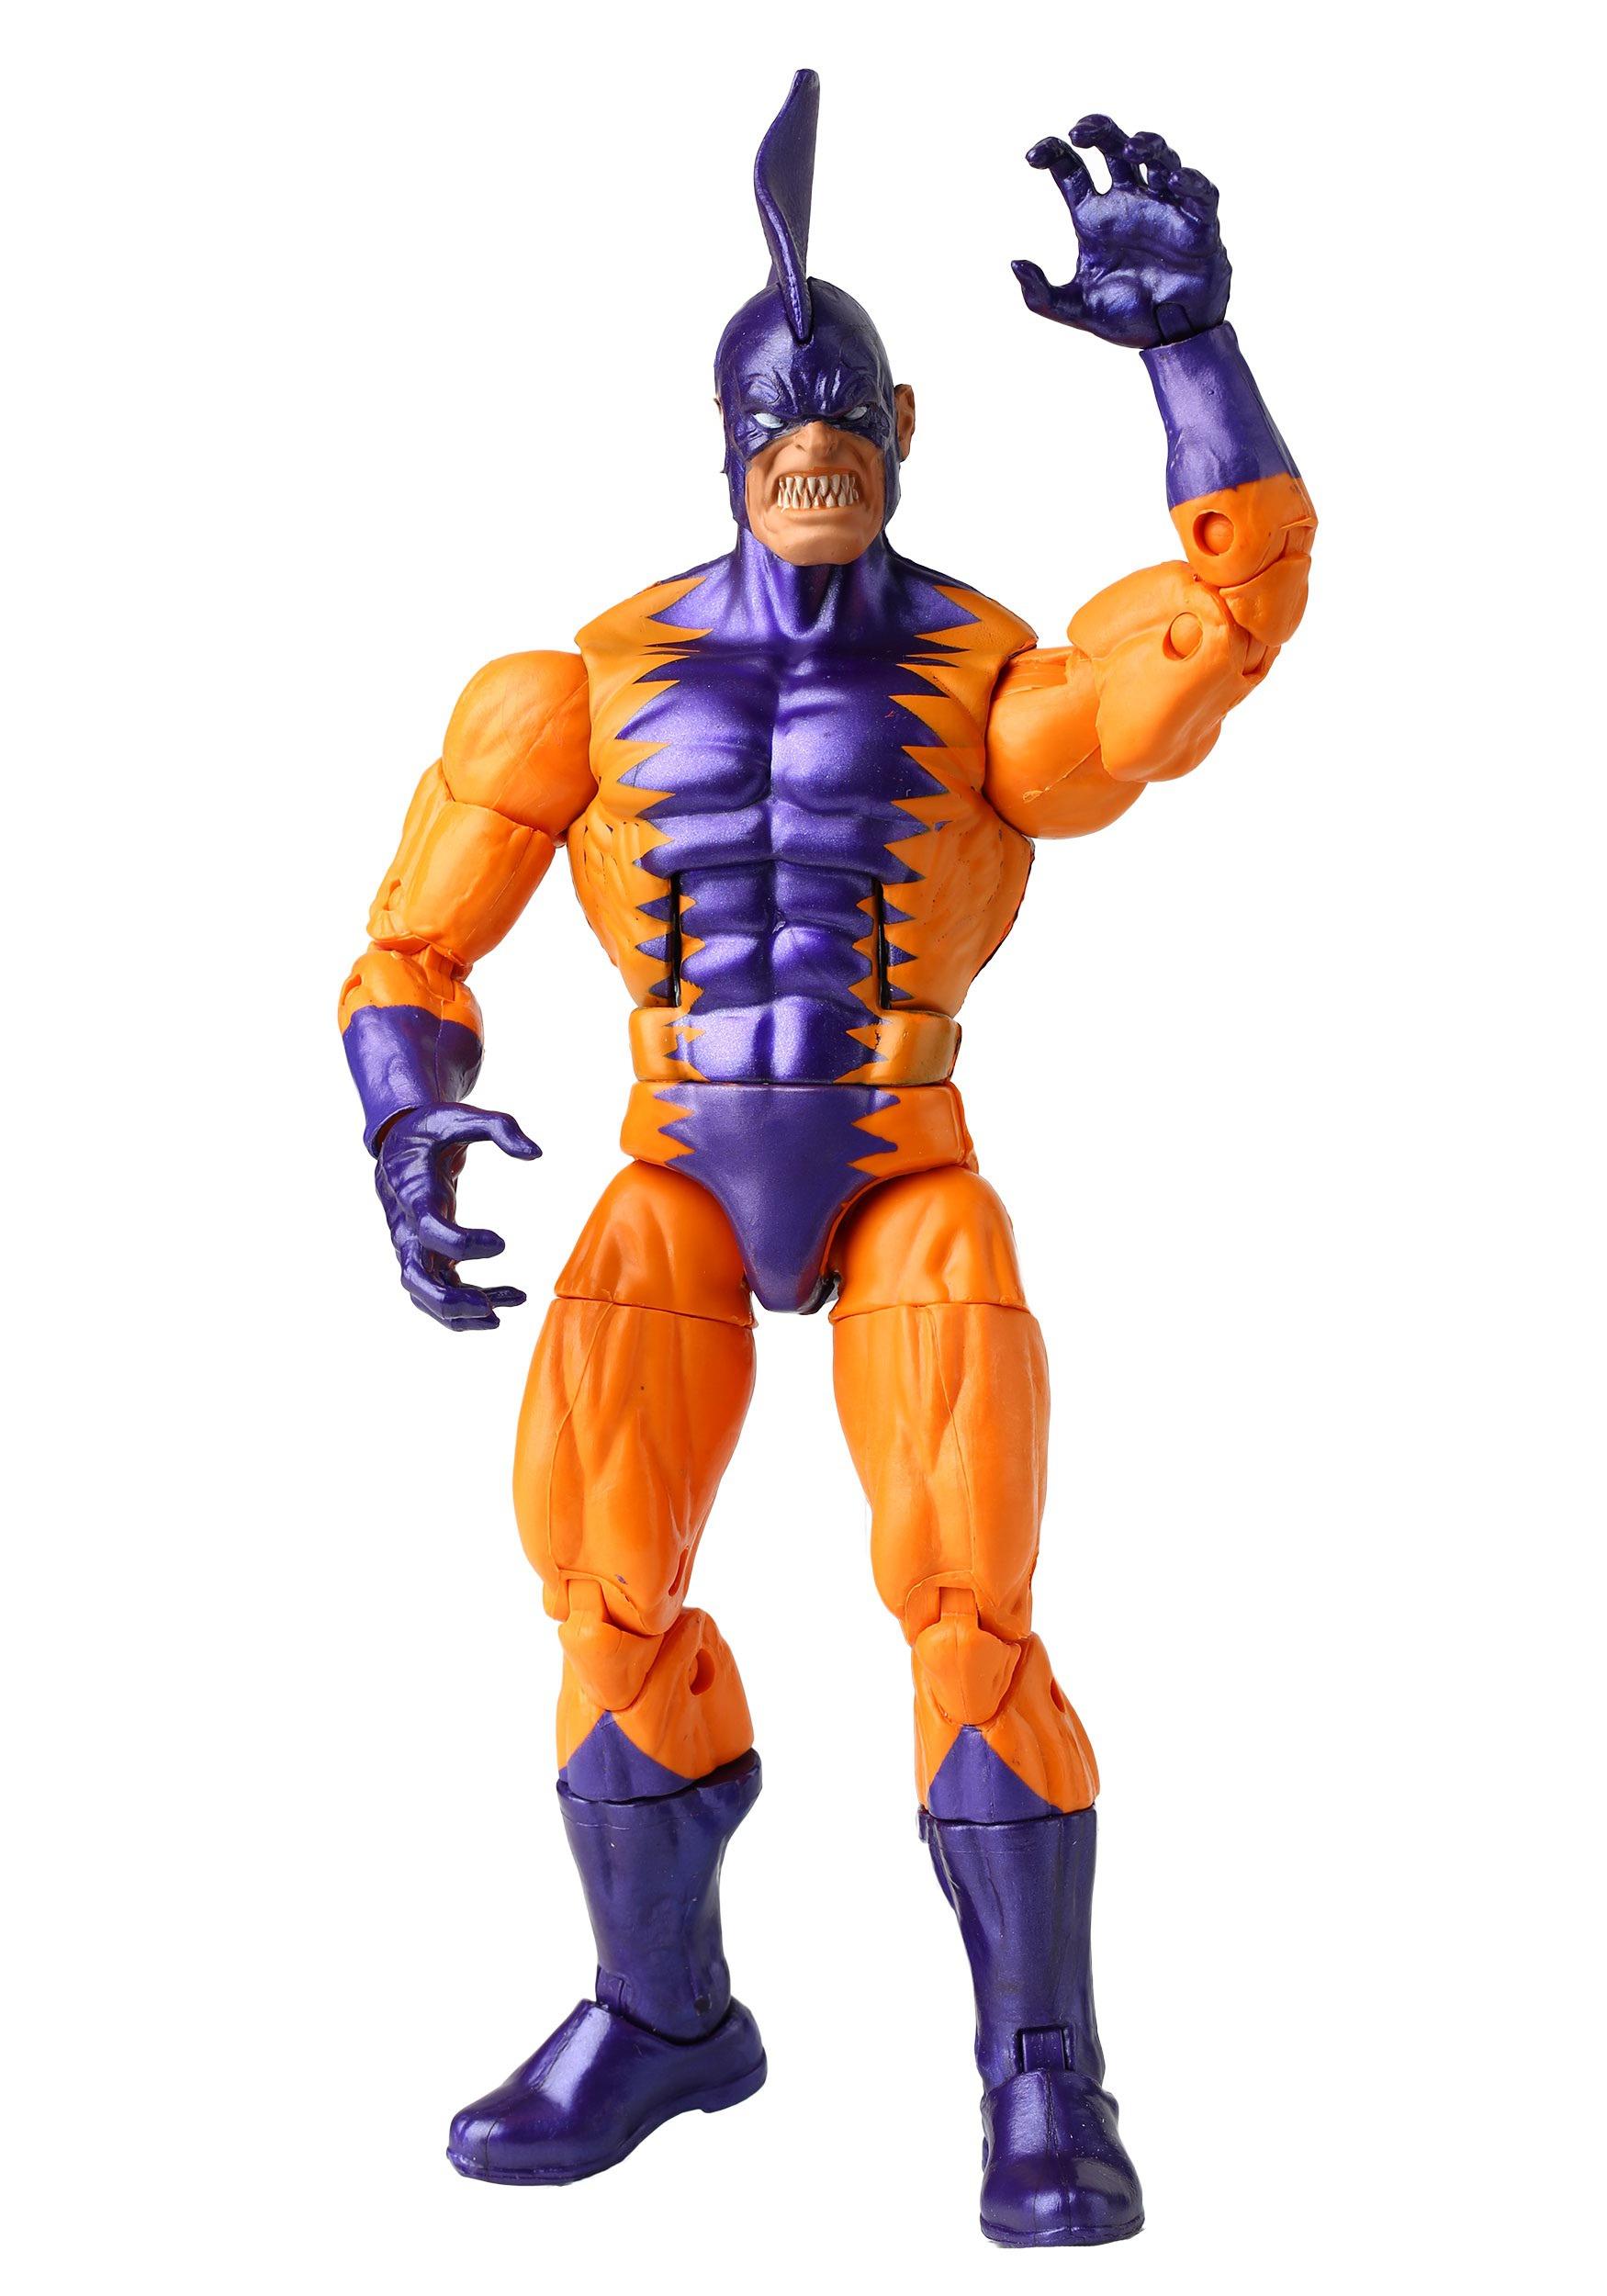 Marvel Legends Tiger Shark Action Figure EEDB3292AS00